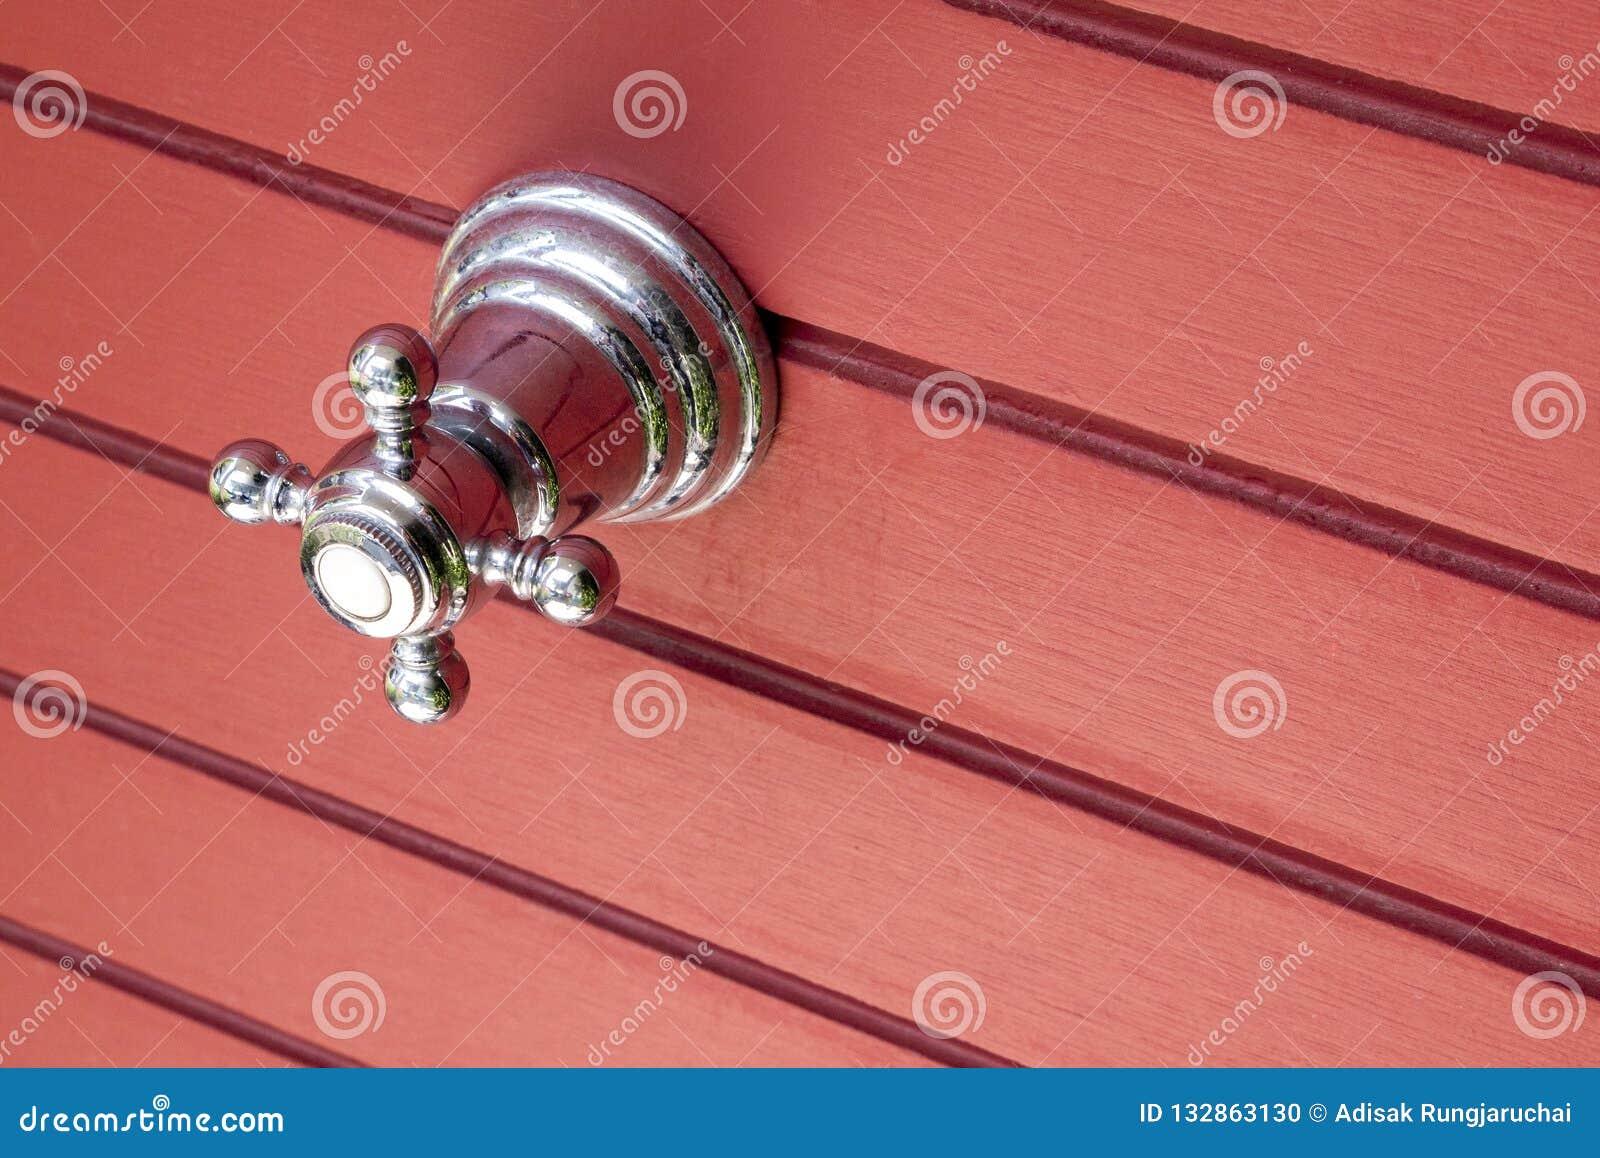 Kogelklep met roestvrij staalhandvat, met rode dichte muur